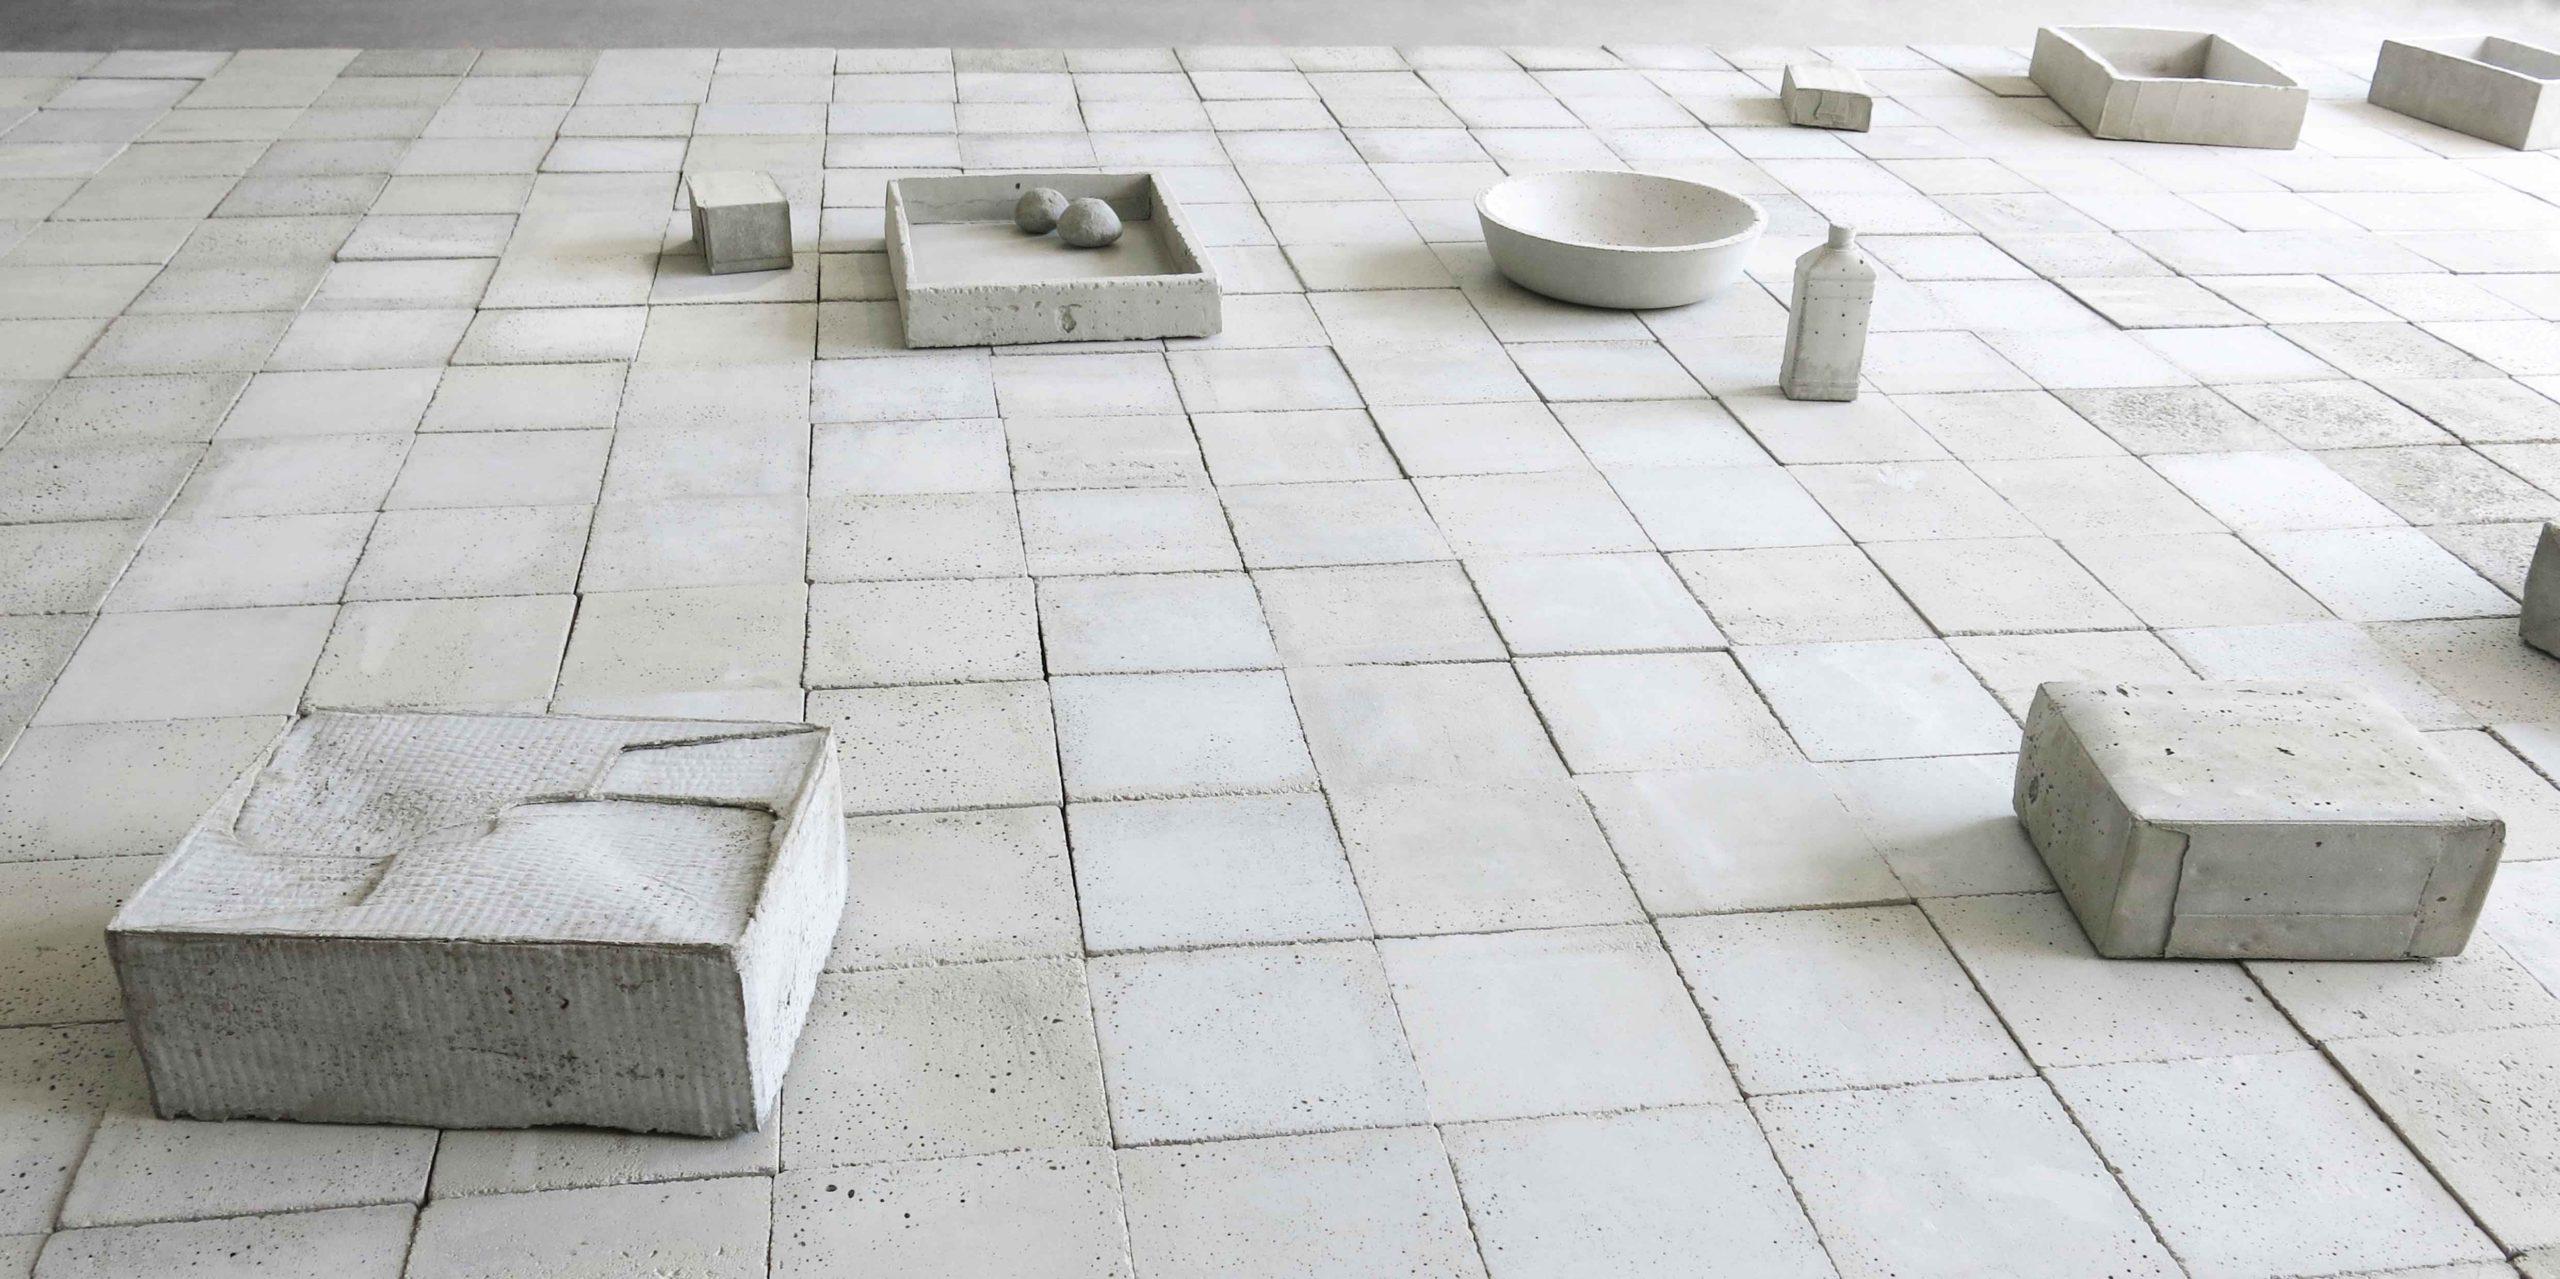 Pavimento in piastrelle di cemento con oggetti in cemento di Cristina Treppo